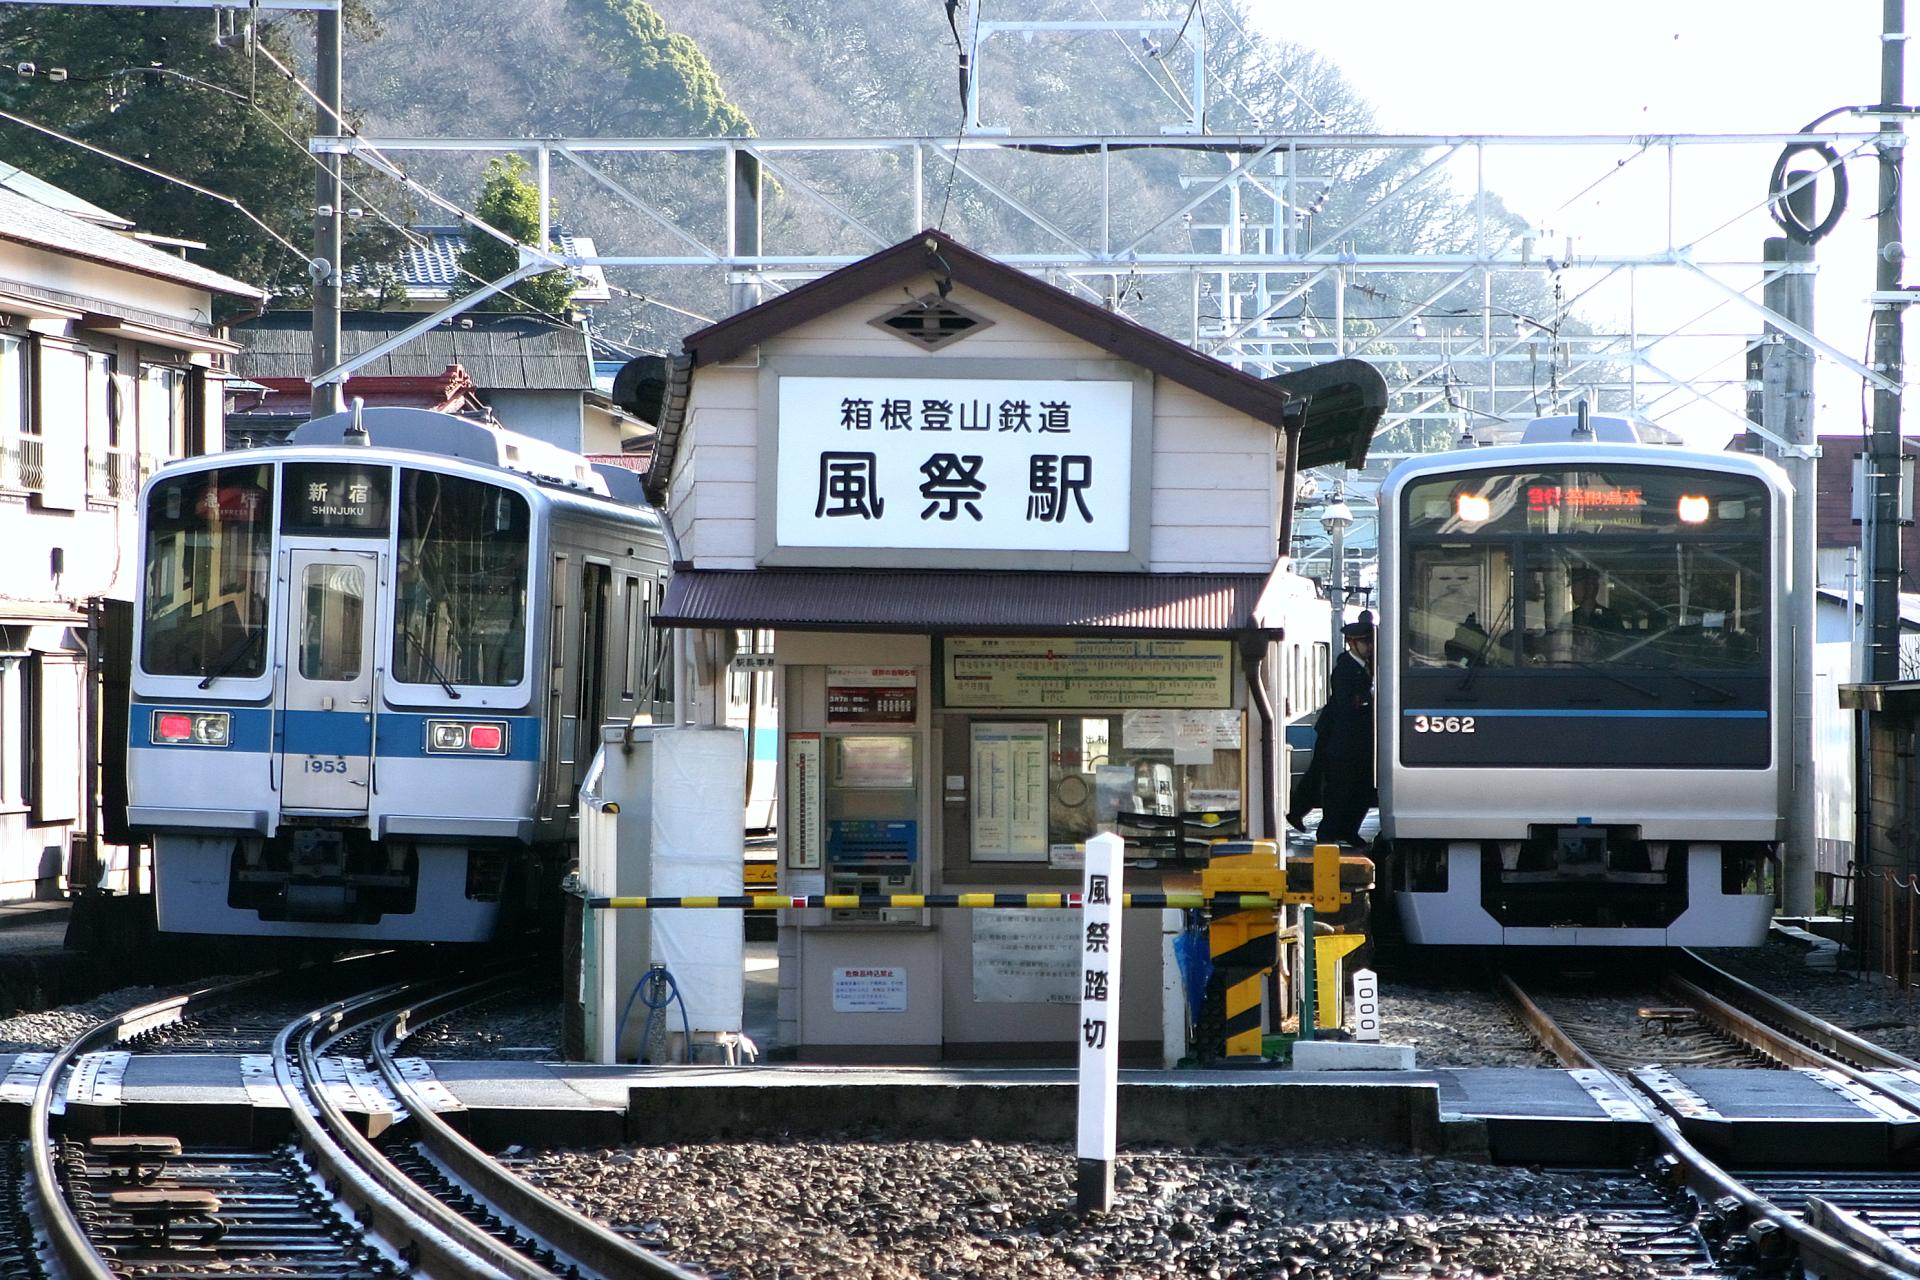 https://livedoor.blogimg.jp/odapedia/imgs/9/e/9e4b5c7c.jpg